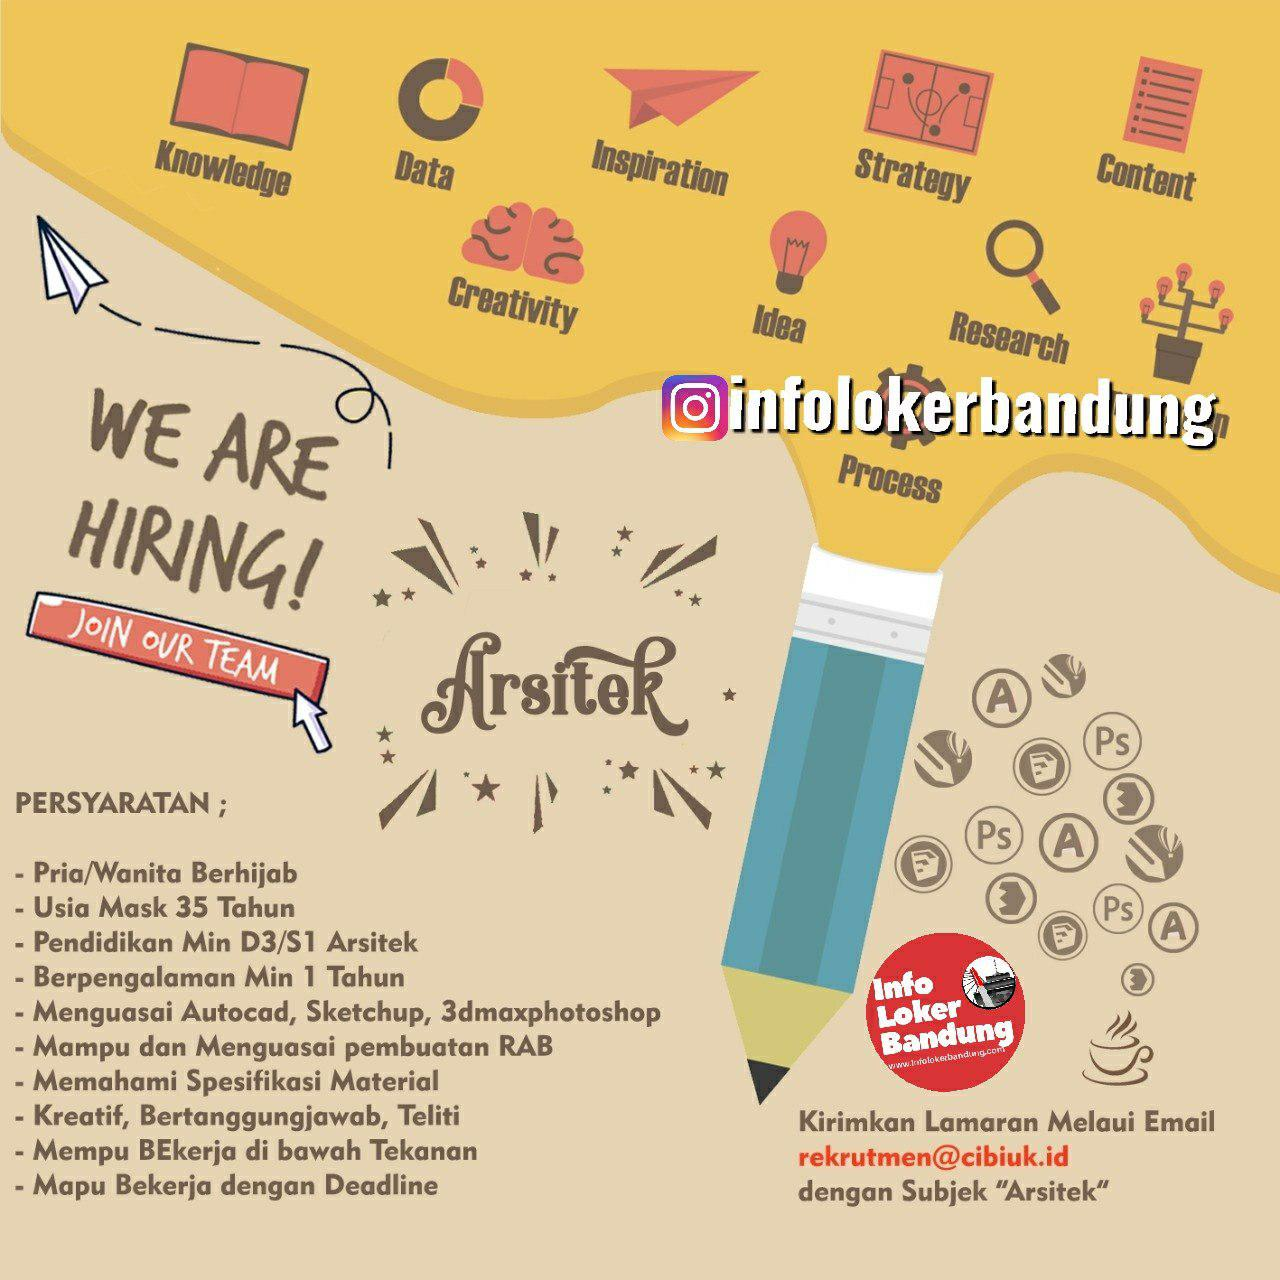 Lowongan Kerja Arsitek RM Cibiuk Bandung November 2019